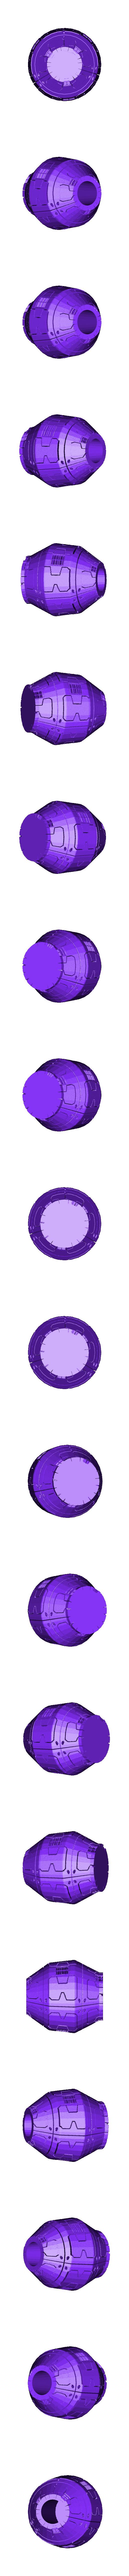 32.stl Télécharger fichier STL X86 Mini vase collection  • Objet imprimable en 3D, motek